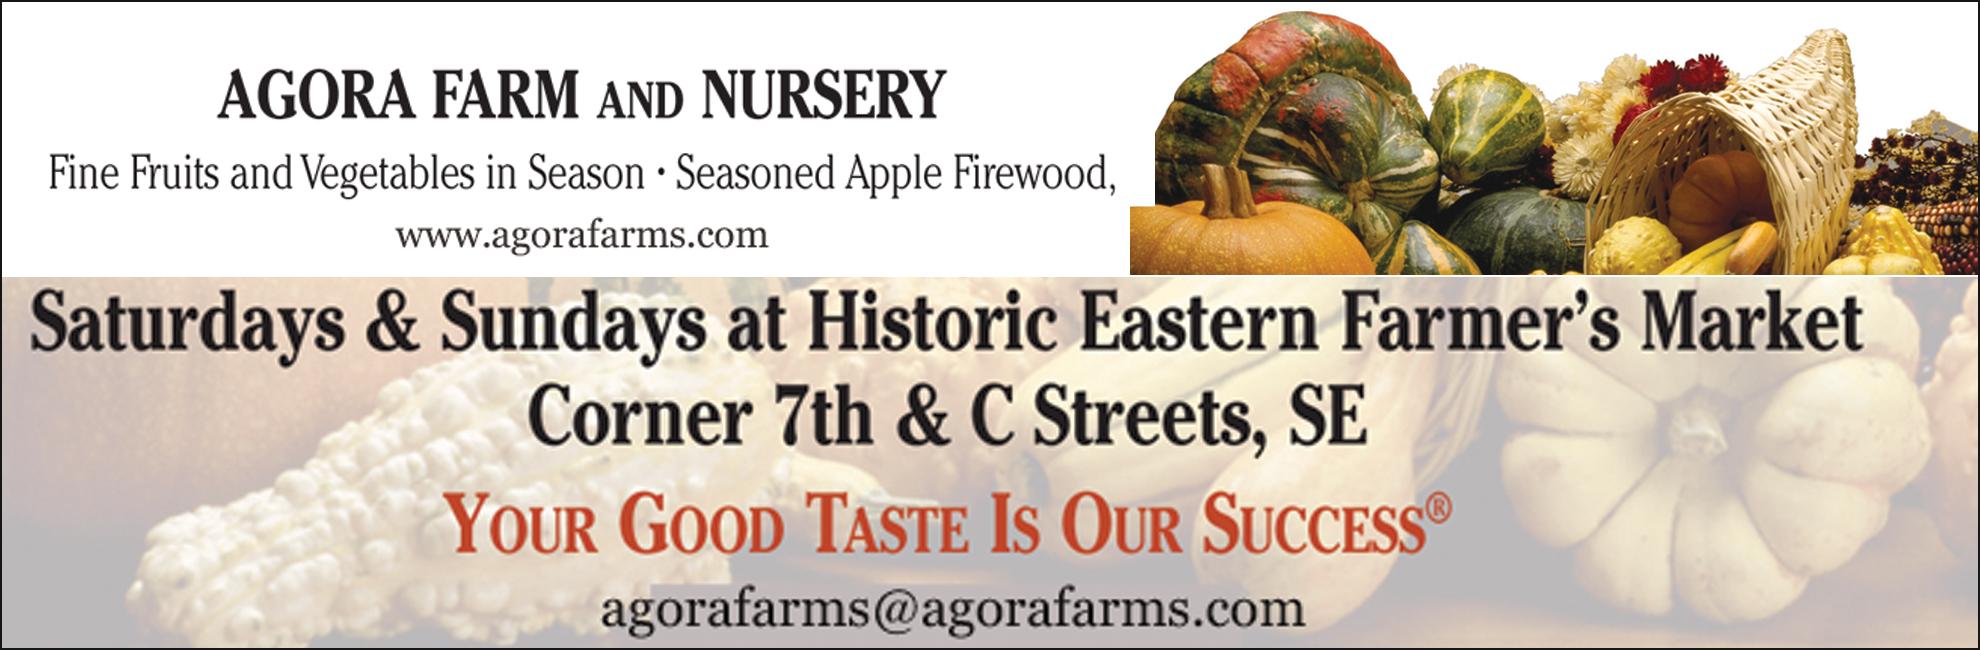 agora farms info banner